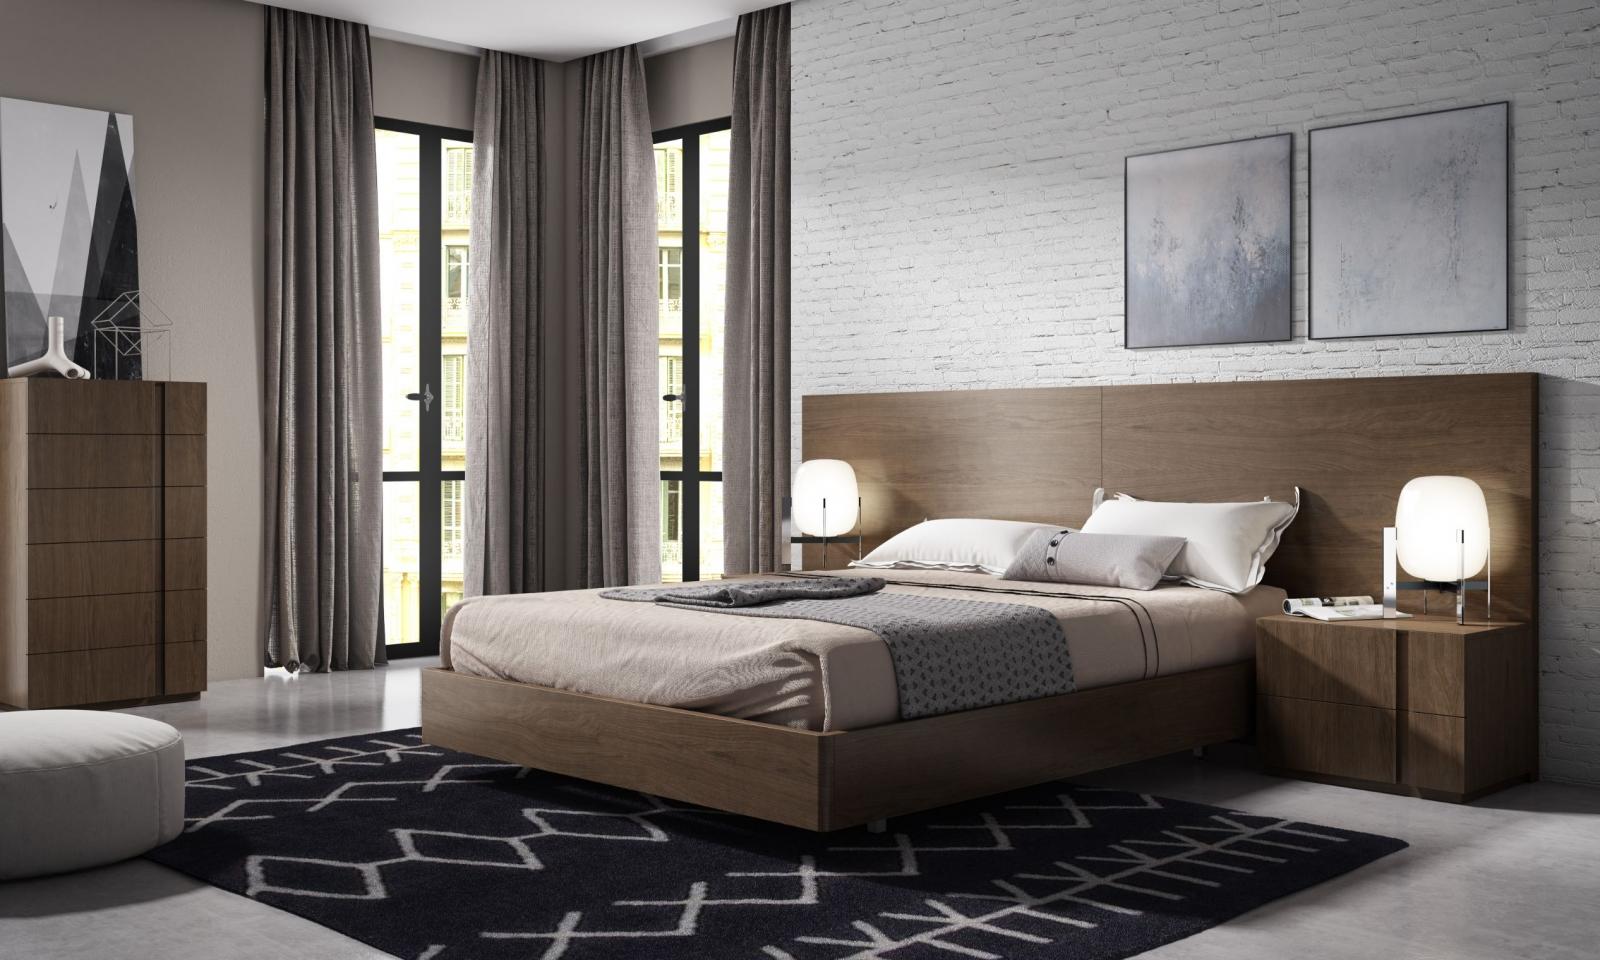 Conjunto de Dormitorio LOFT-4 - Conjunto de Dormitorio LOFT-4